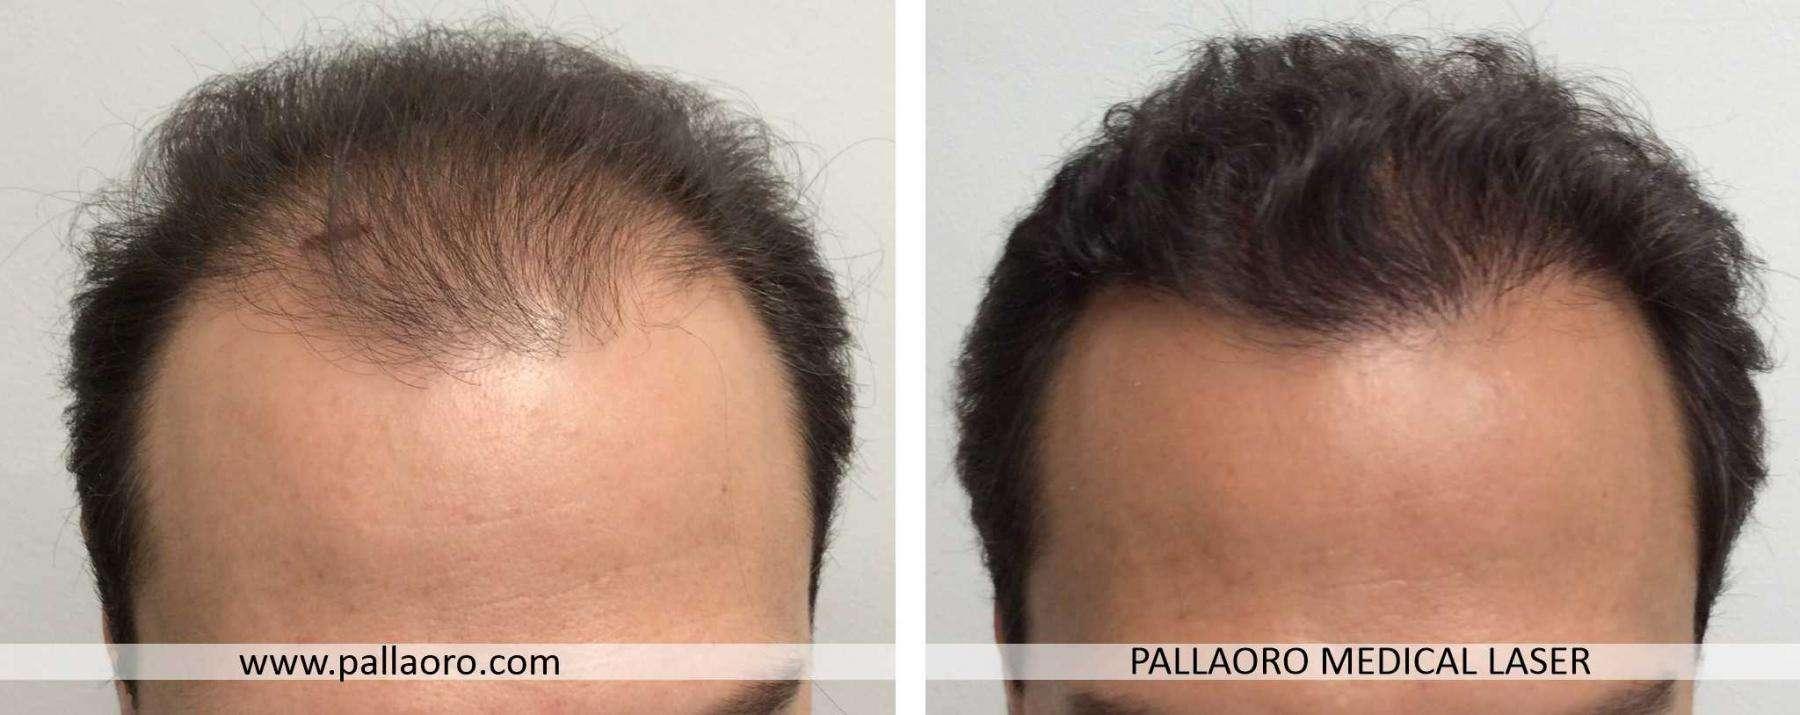 trapianto capelli 2021 05 a